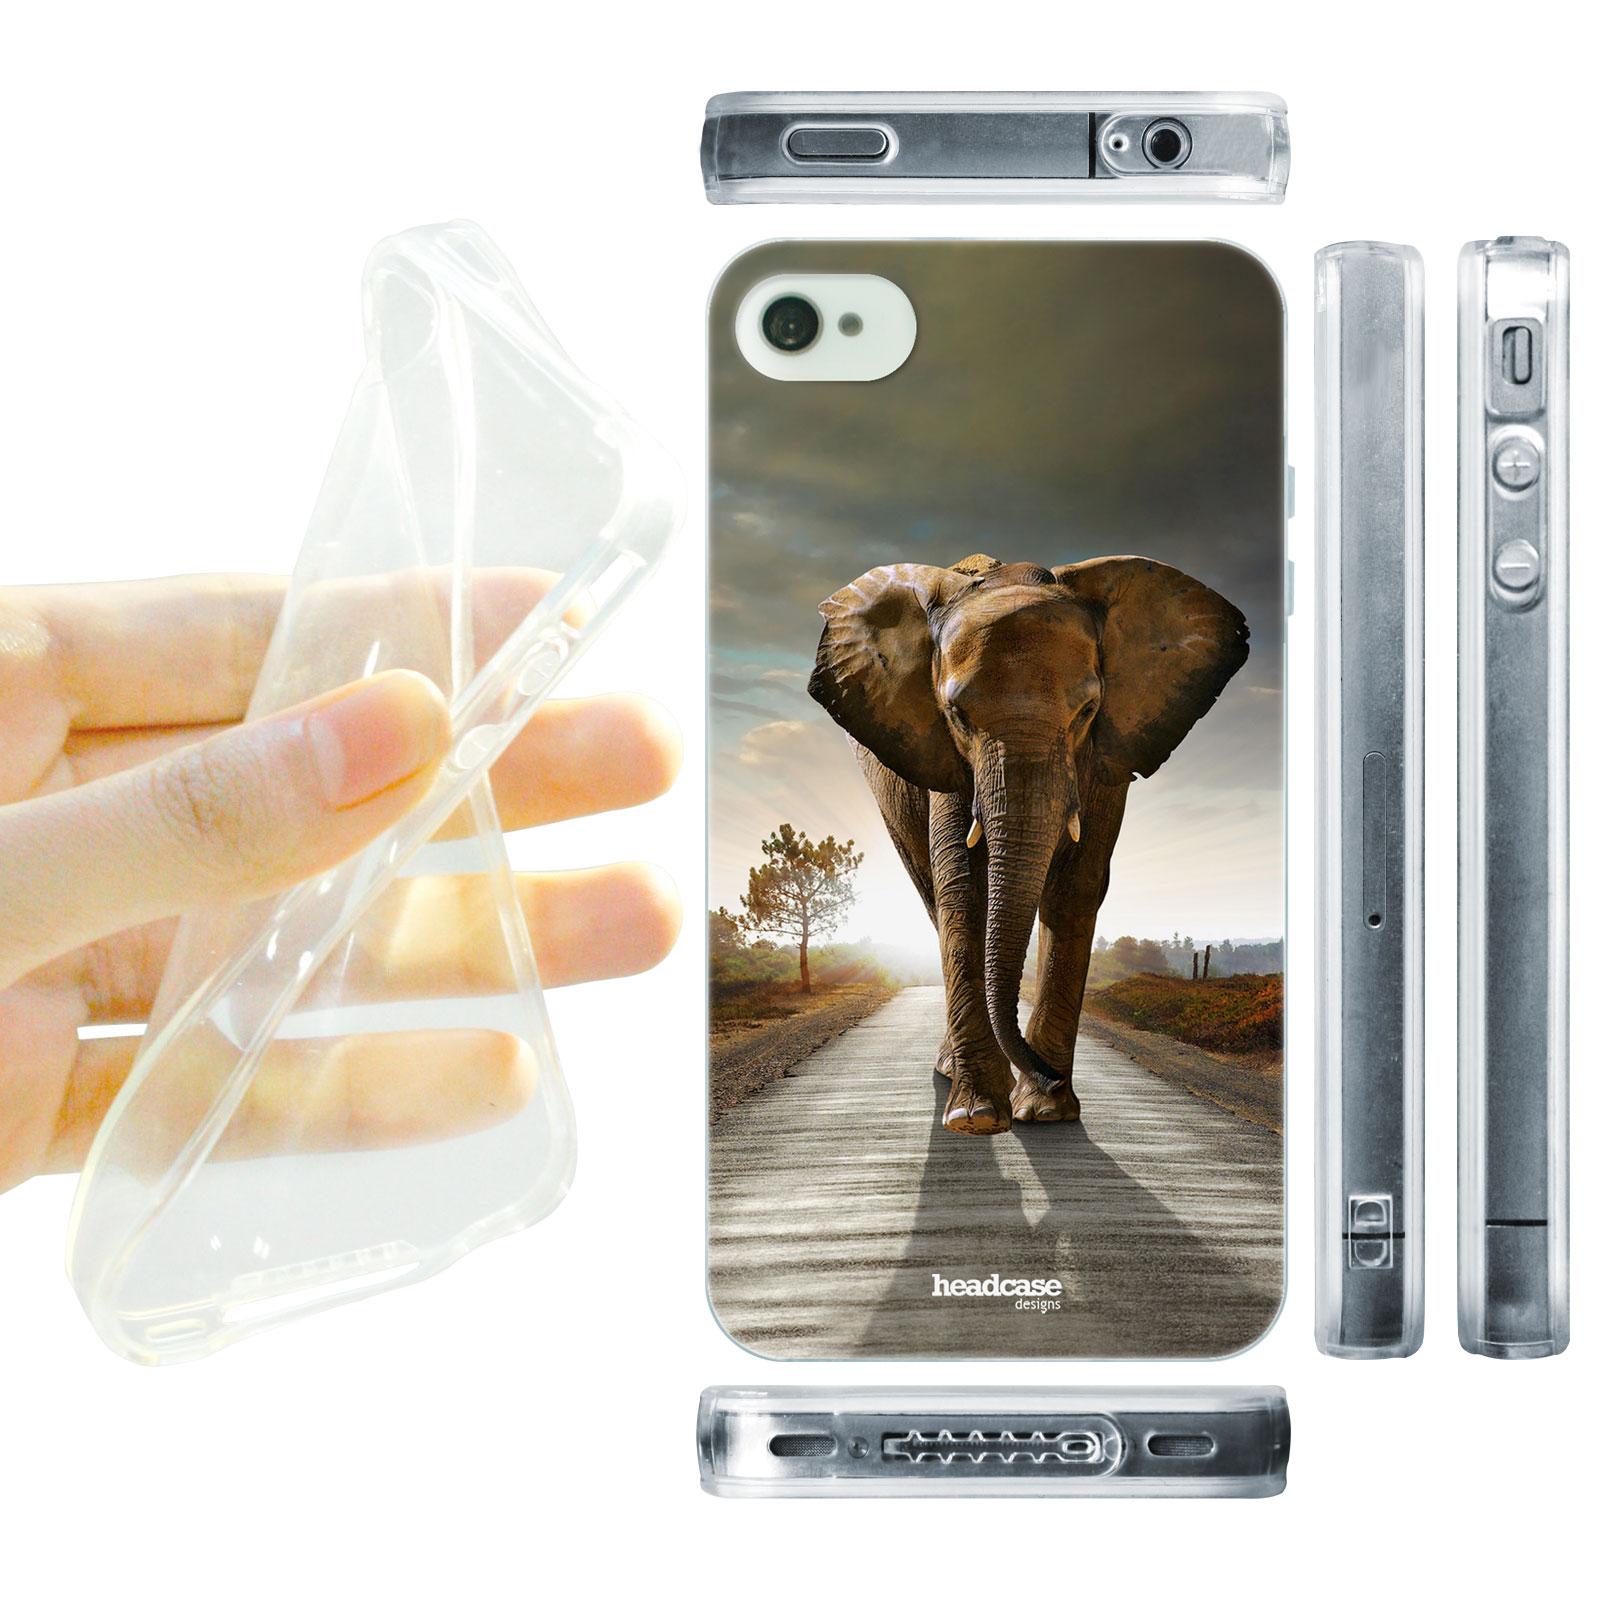 HEAD CASE silikonový obal na mobil Iphone 4 4S divočina Afrika chodící slon  foto e9cb82dae51